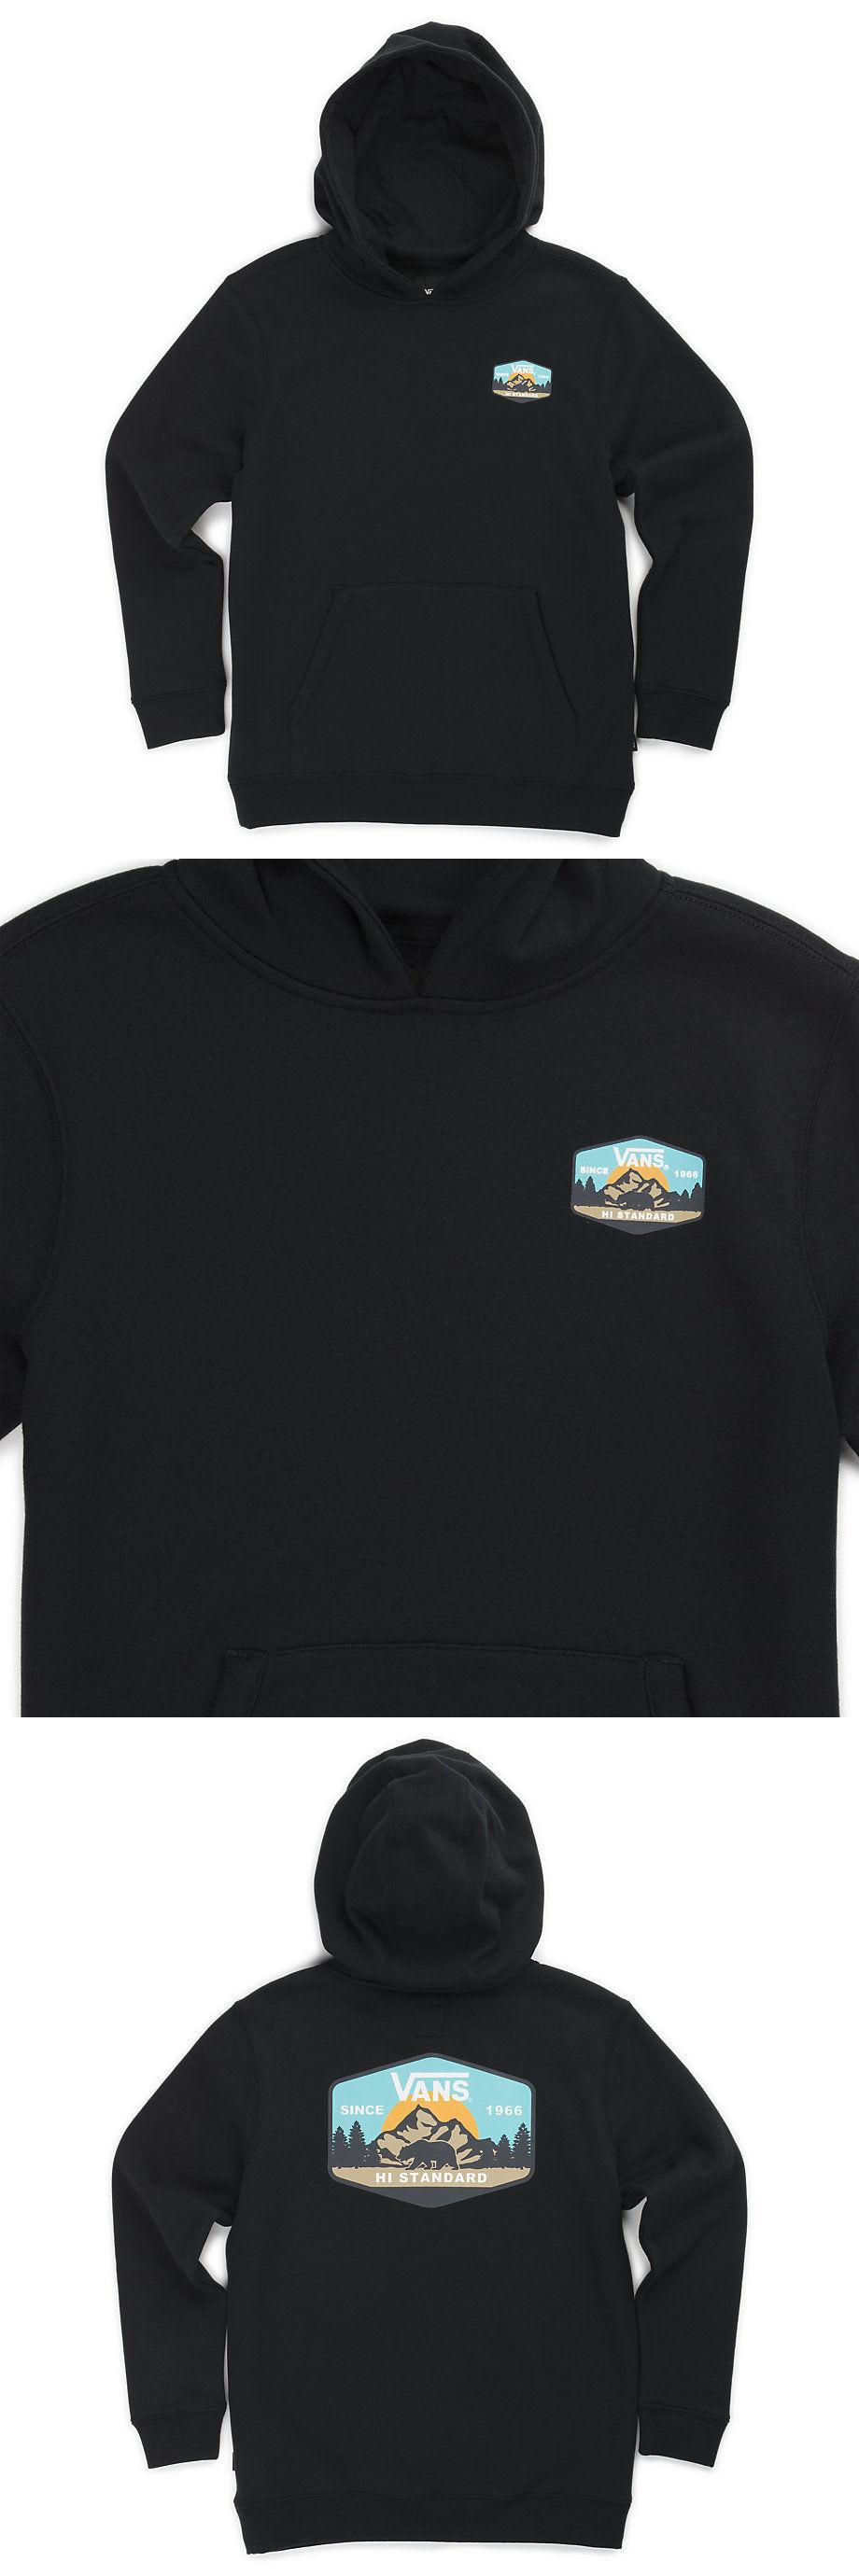 acc93be395 Sweatshirts and Hoodies 57916  Brand New Boys Vans Mtn Hi Standard Pullover  Hoodie Black Youth Medium -  BUY IT NOW ONLY   35 on eBay!